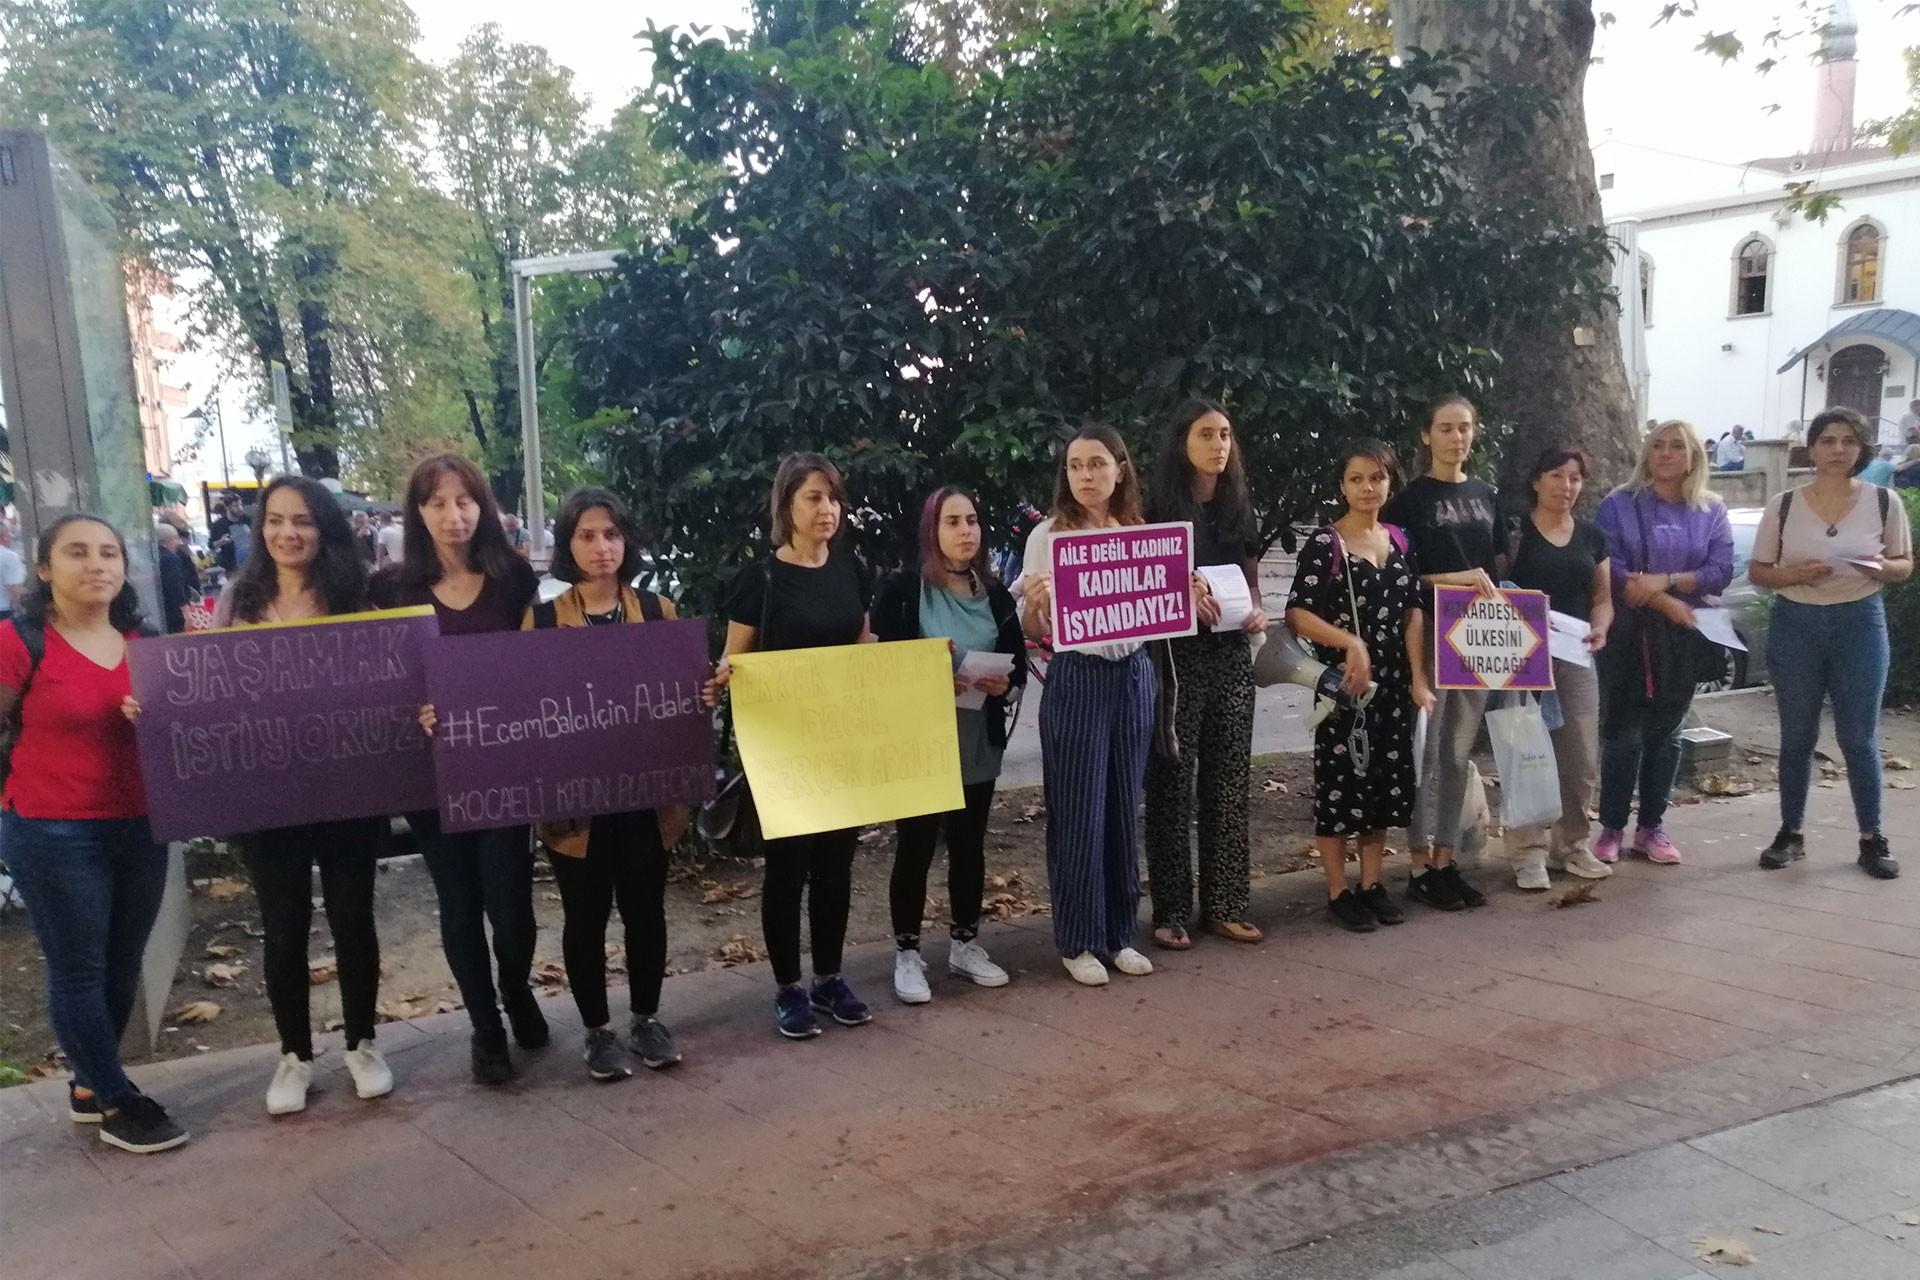 Kocaeli Kadın Platformu, Ecem Balcı davası öncesi duruşmaya çağrı yaptı